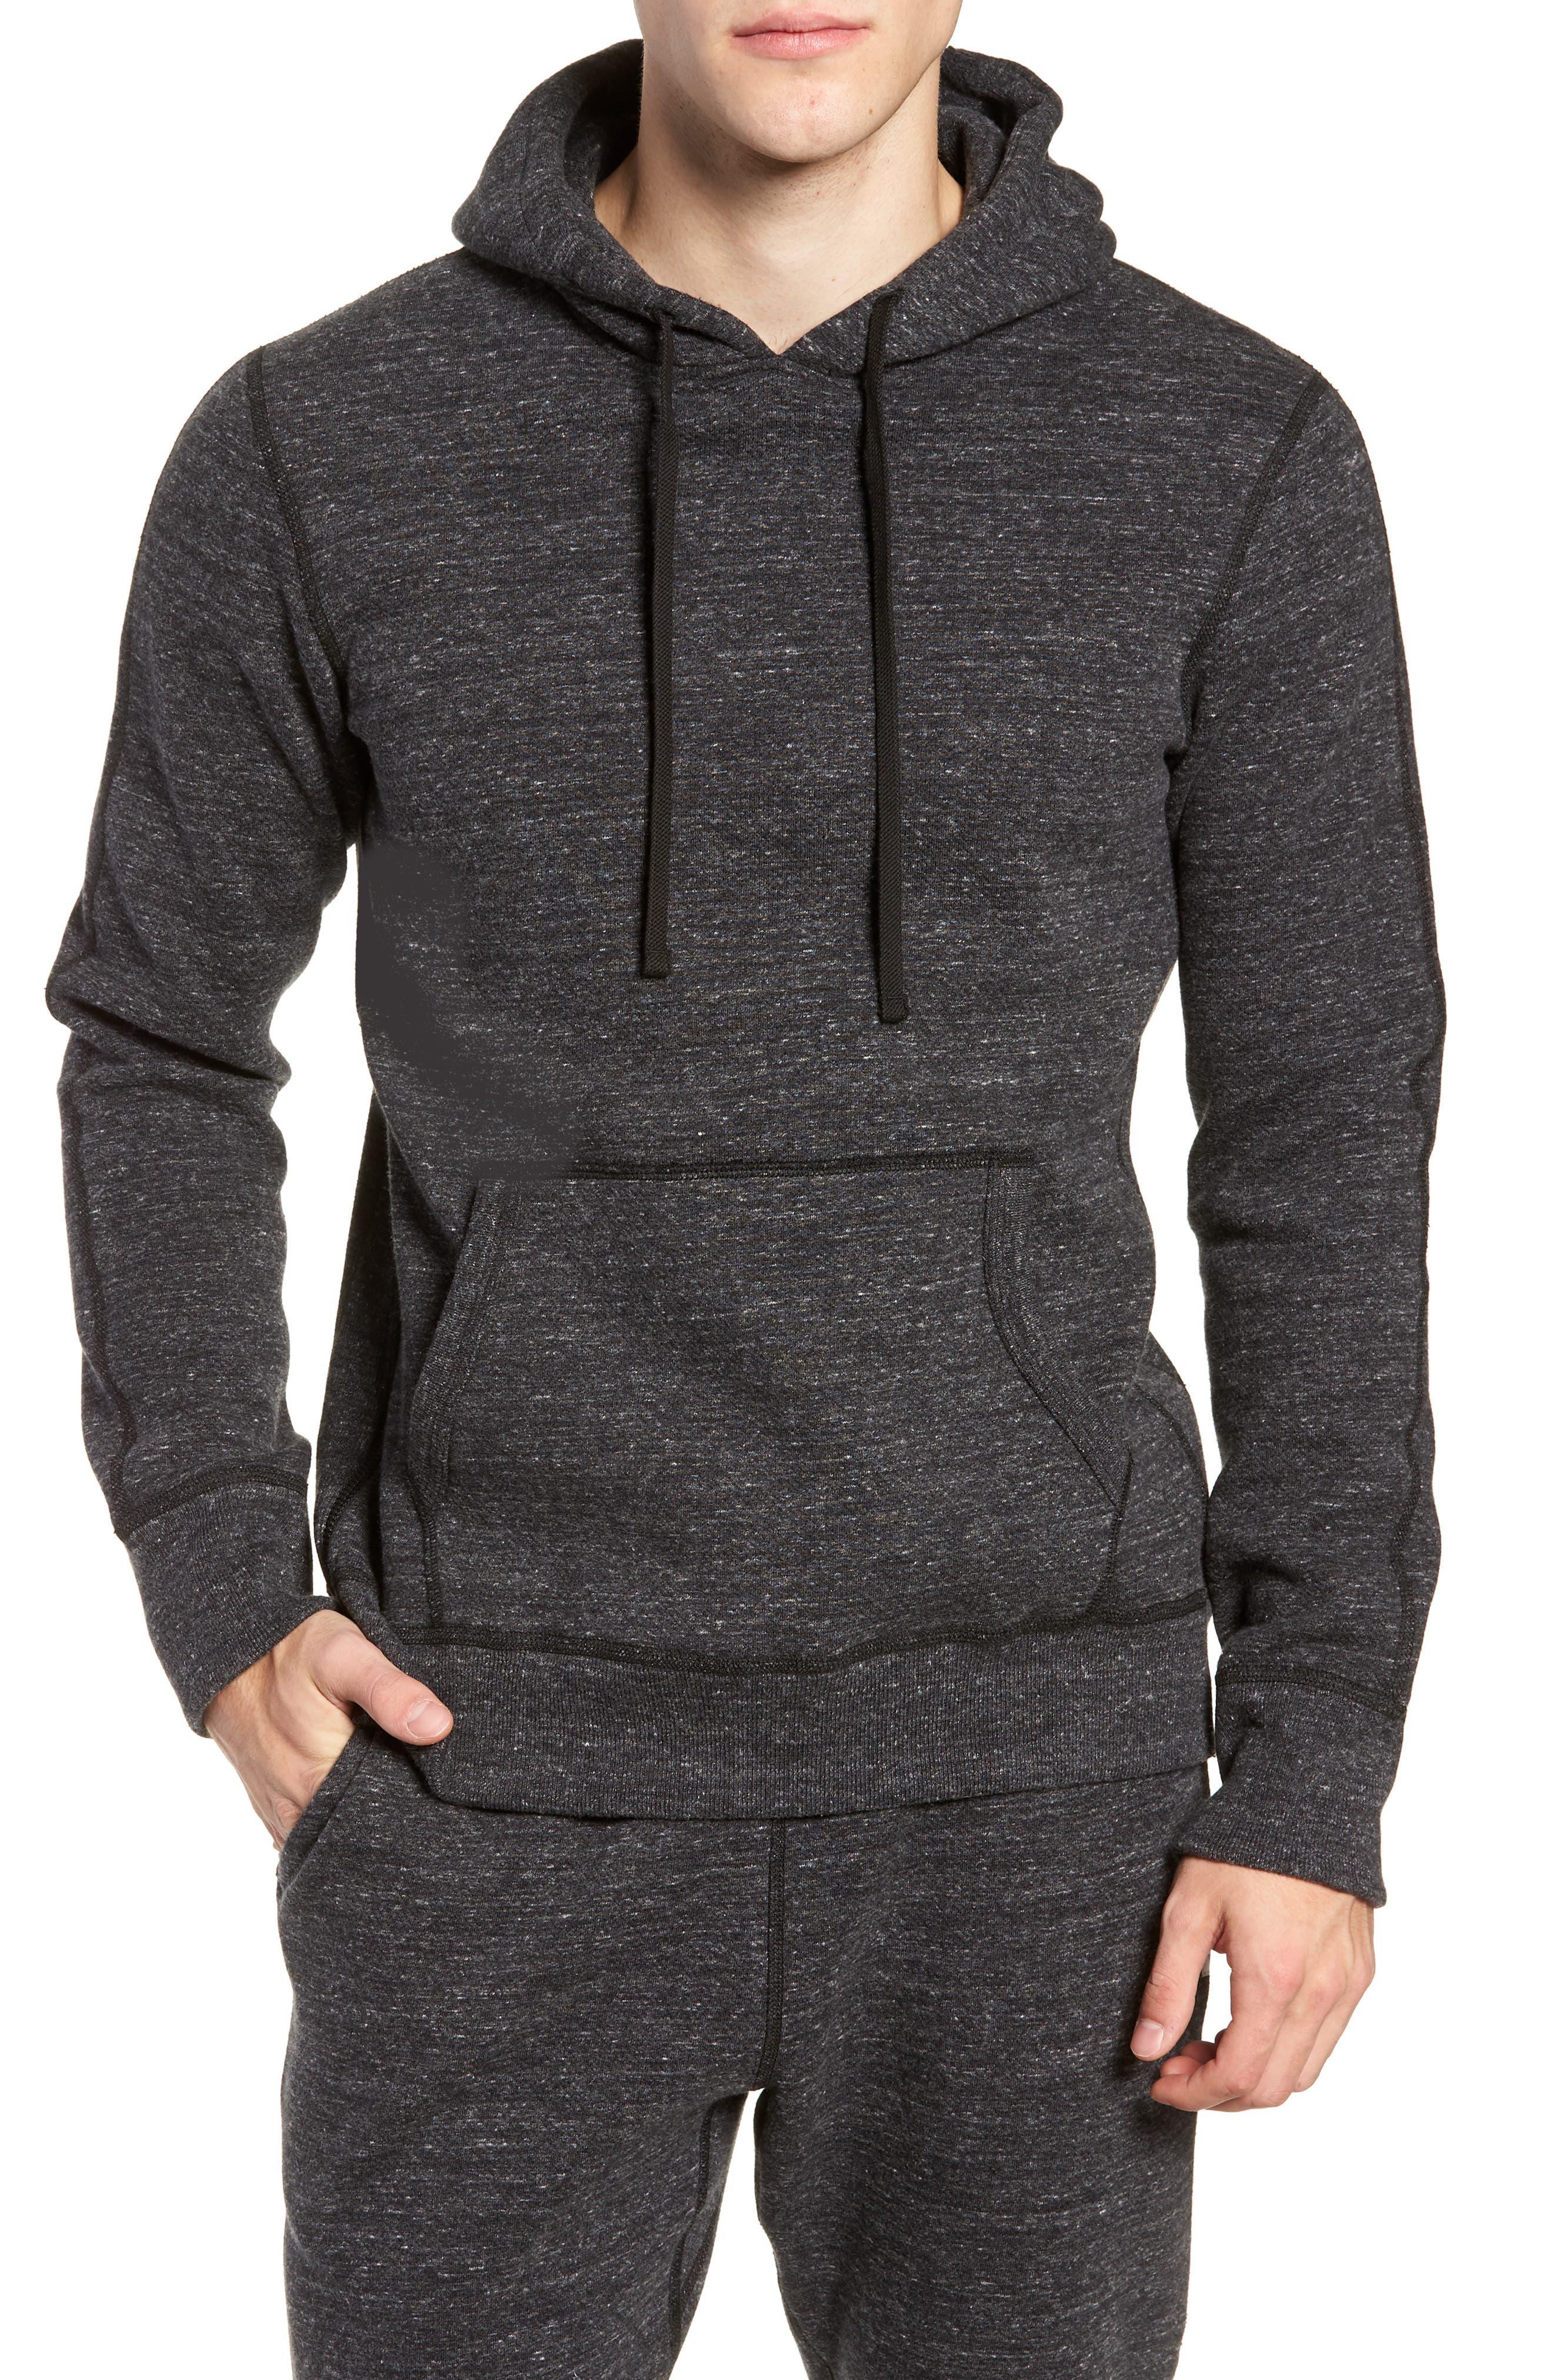 Trim Fit Side Zip Hooded Sweatshirt,                         Main,                         color, 020